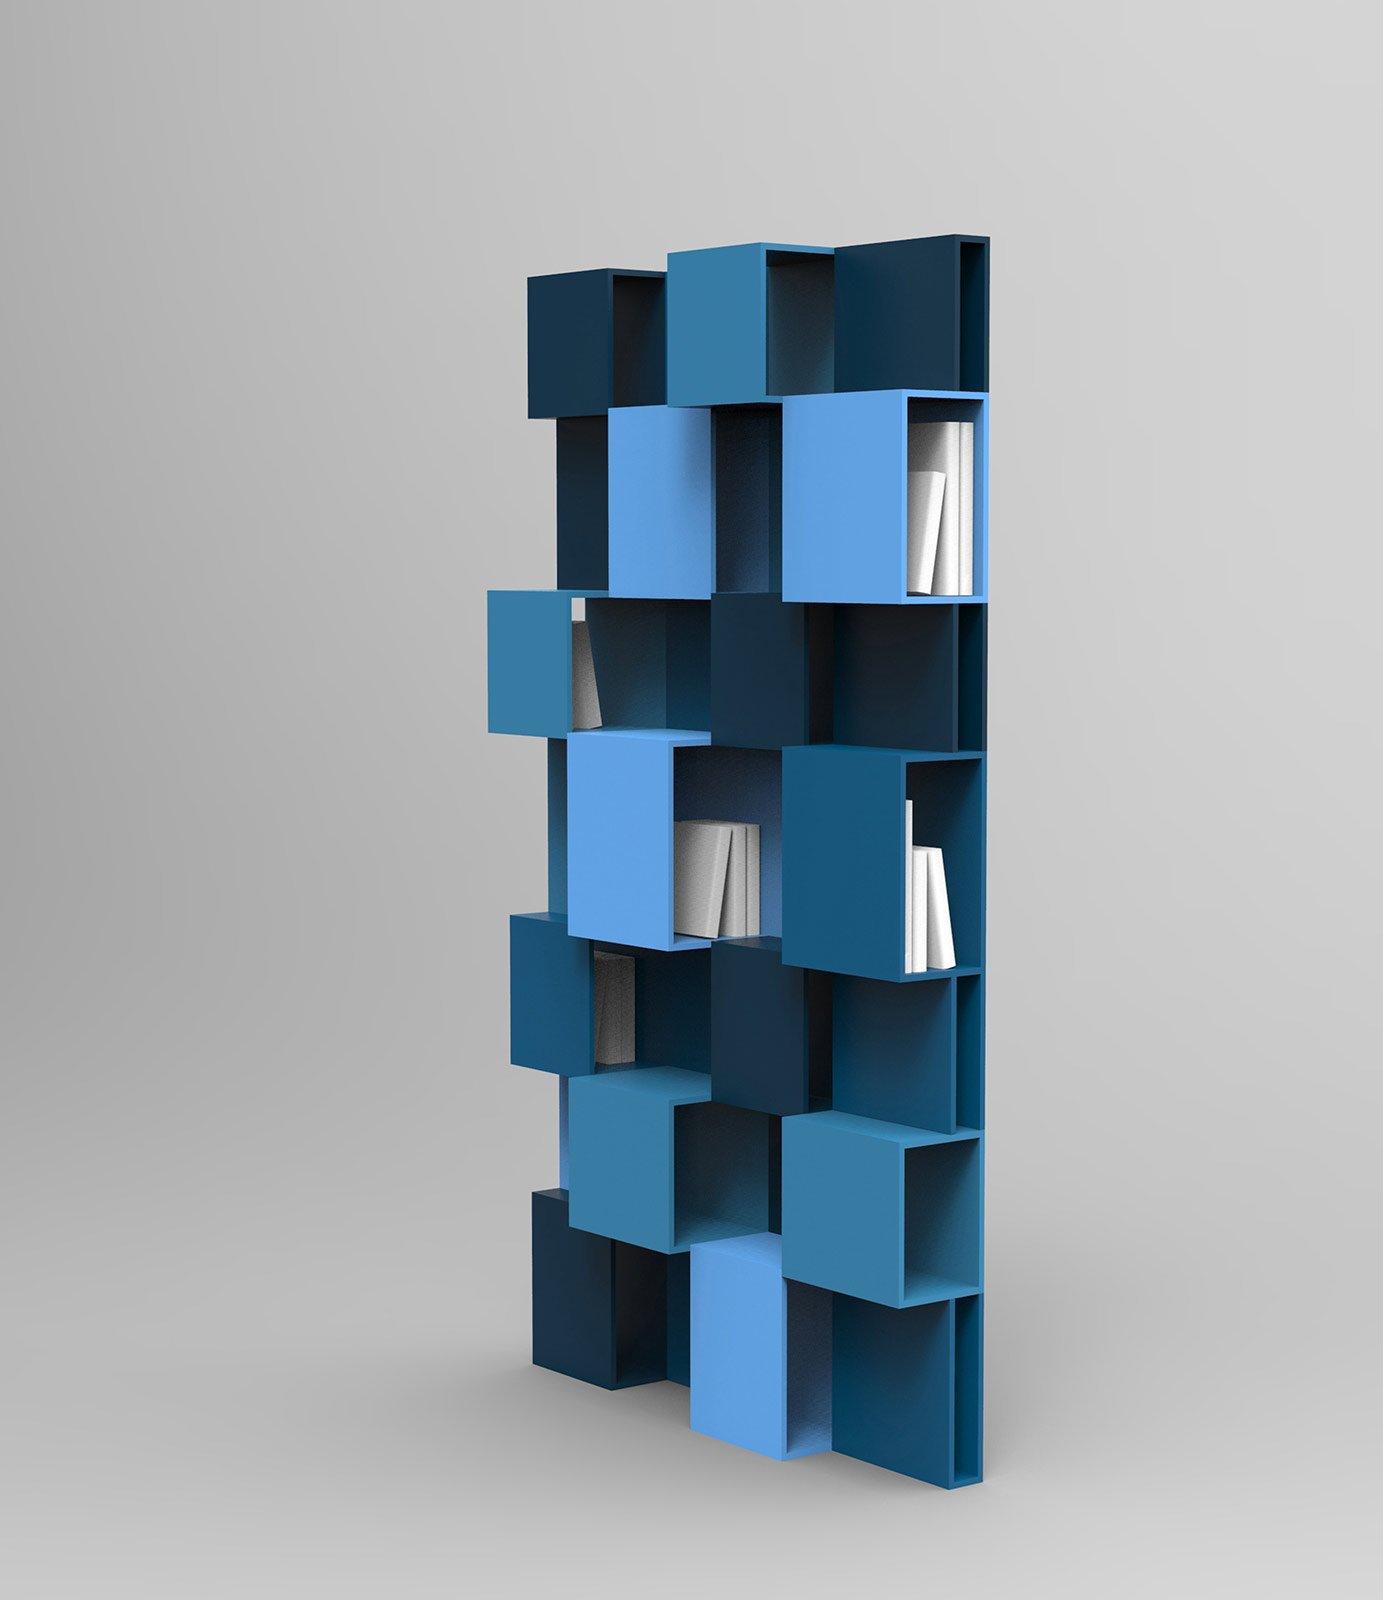 Mobili Soggiorno Blu : Mobili angolo cucina ikea. Mobili bagno a ...